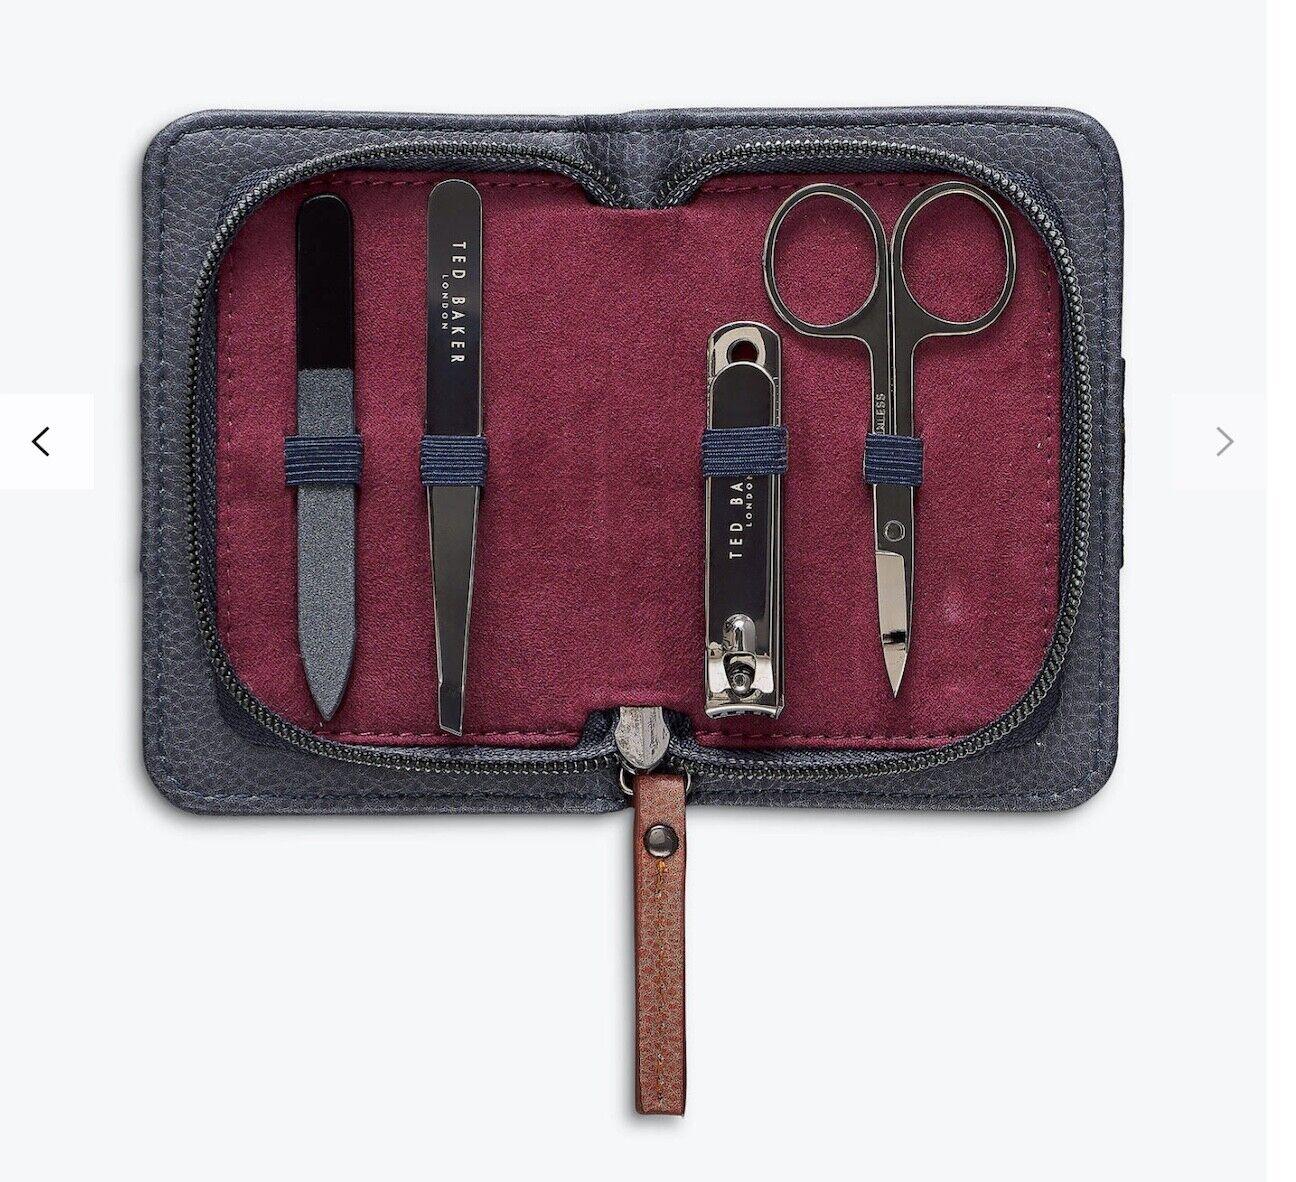 Ted Baker, Men's Well Groomed Manicure Kit